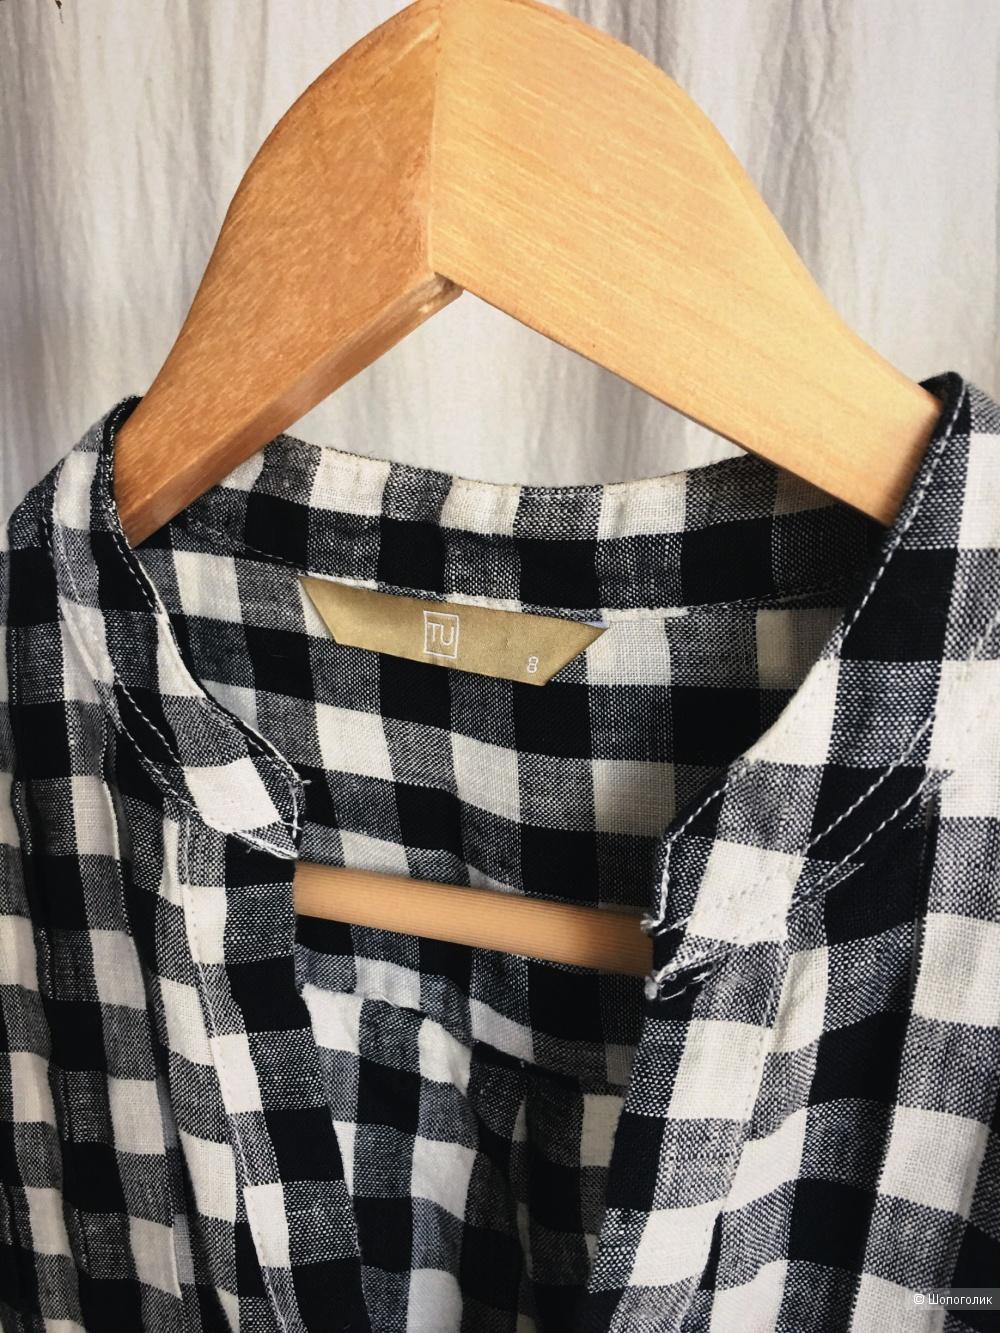 Рубашка TU. Размер 8.